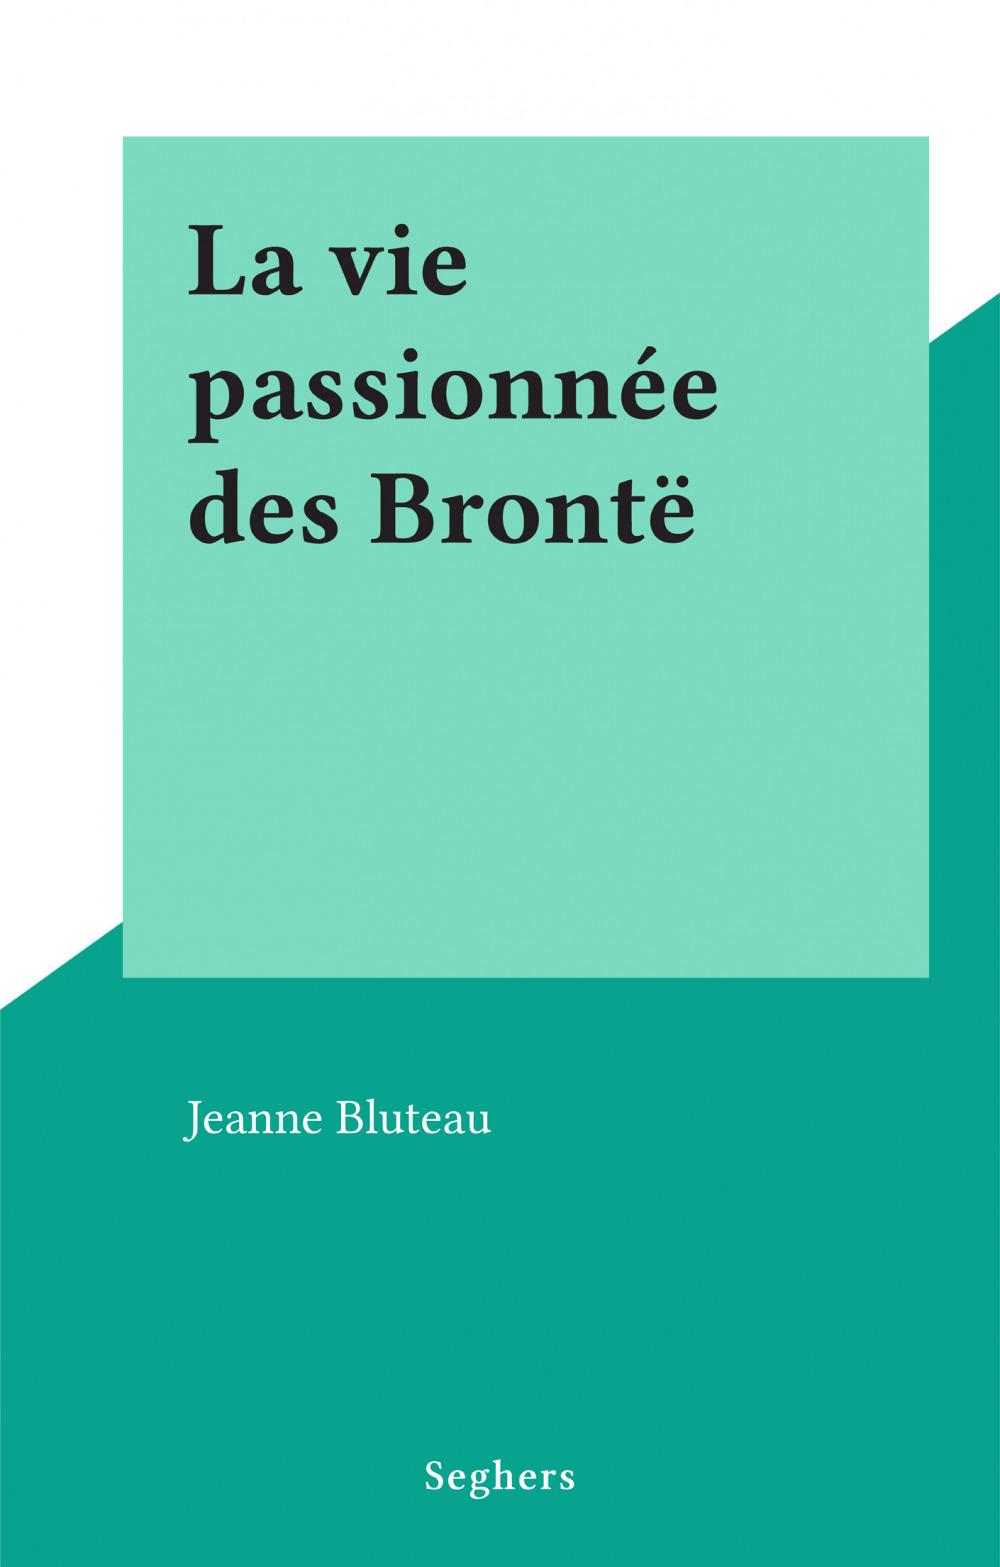 La vie passionnée des Brontë